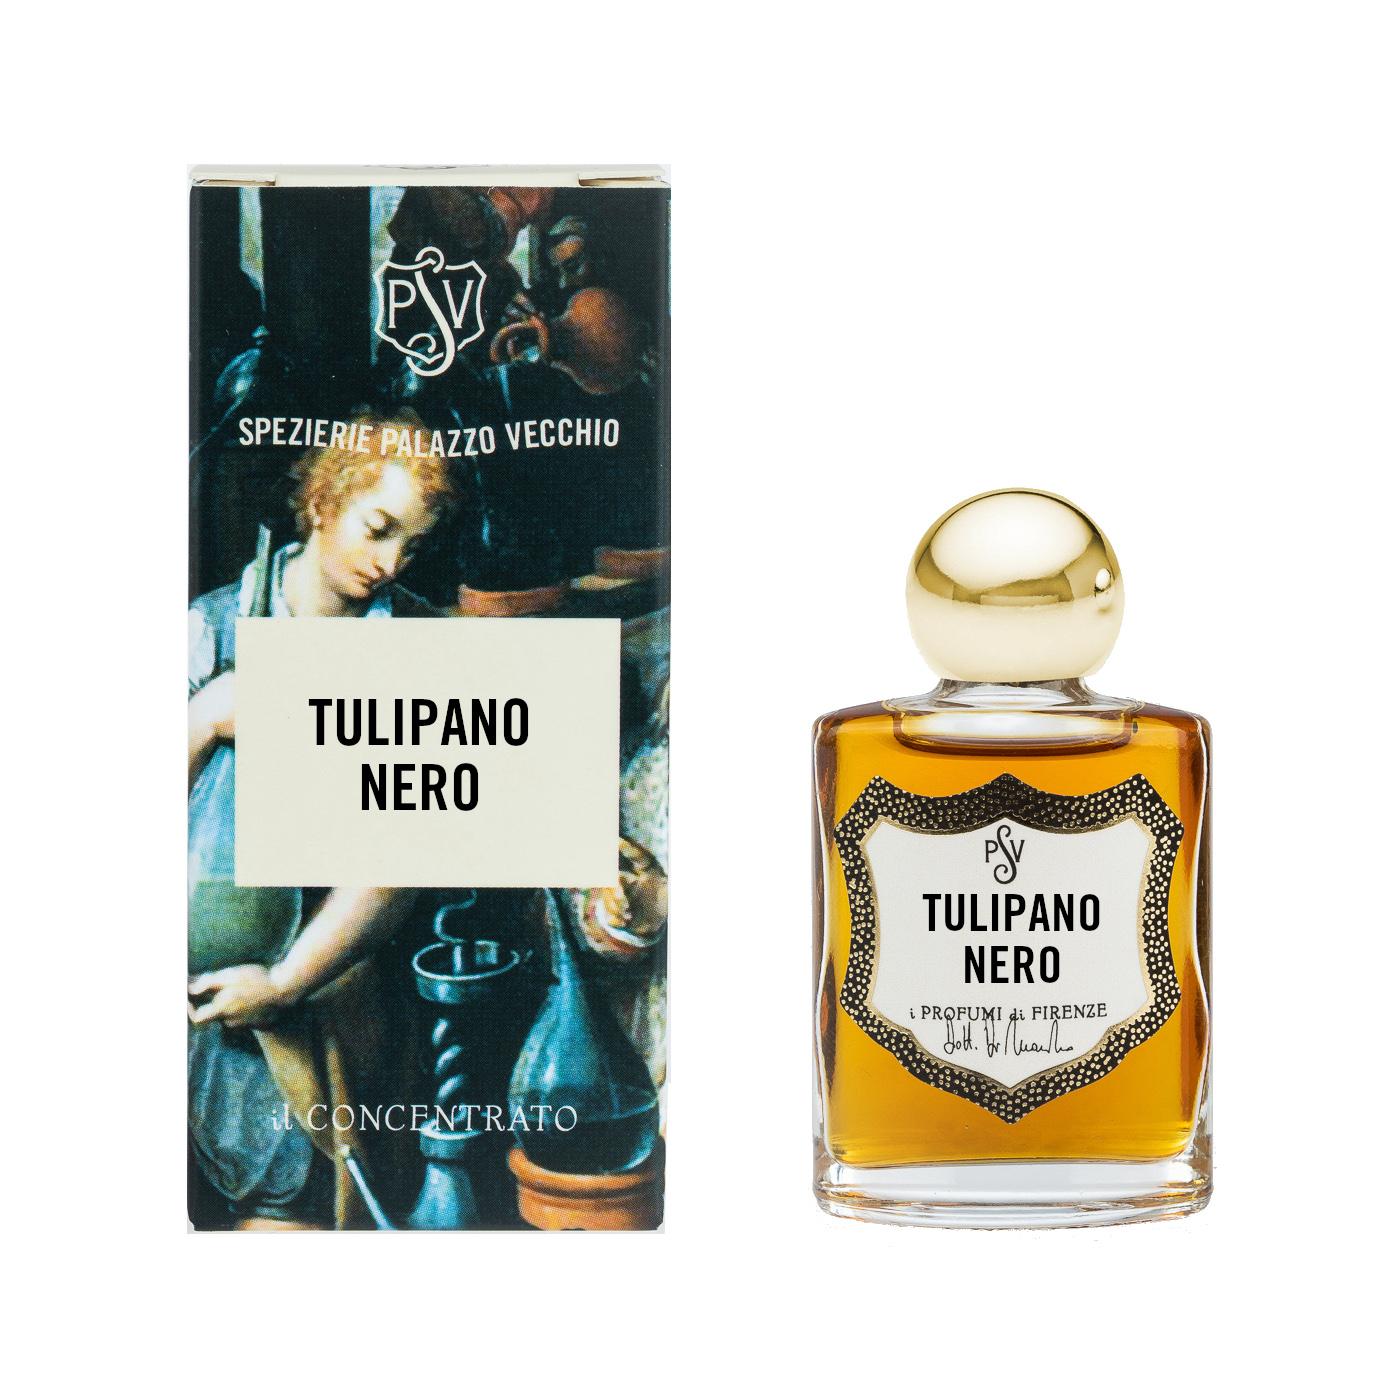 TULIPANO NERO - Il Concentrato-3953